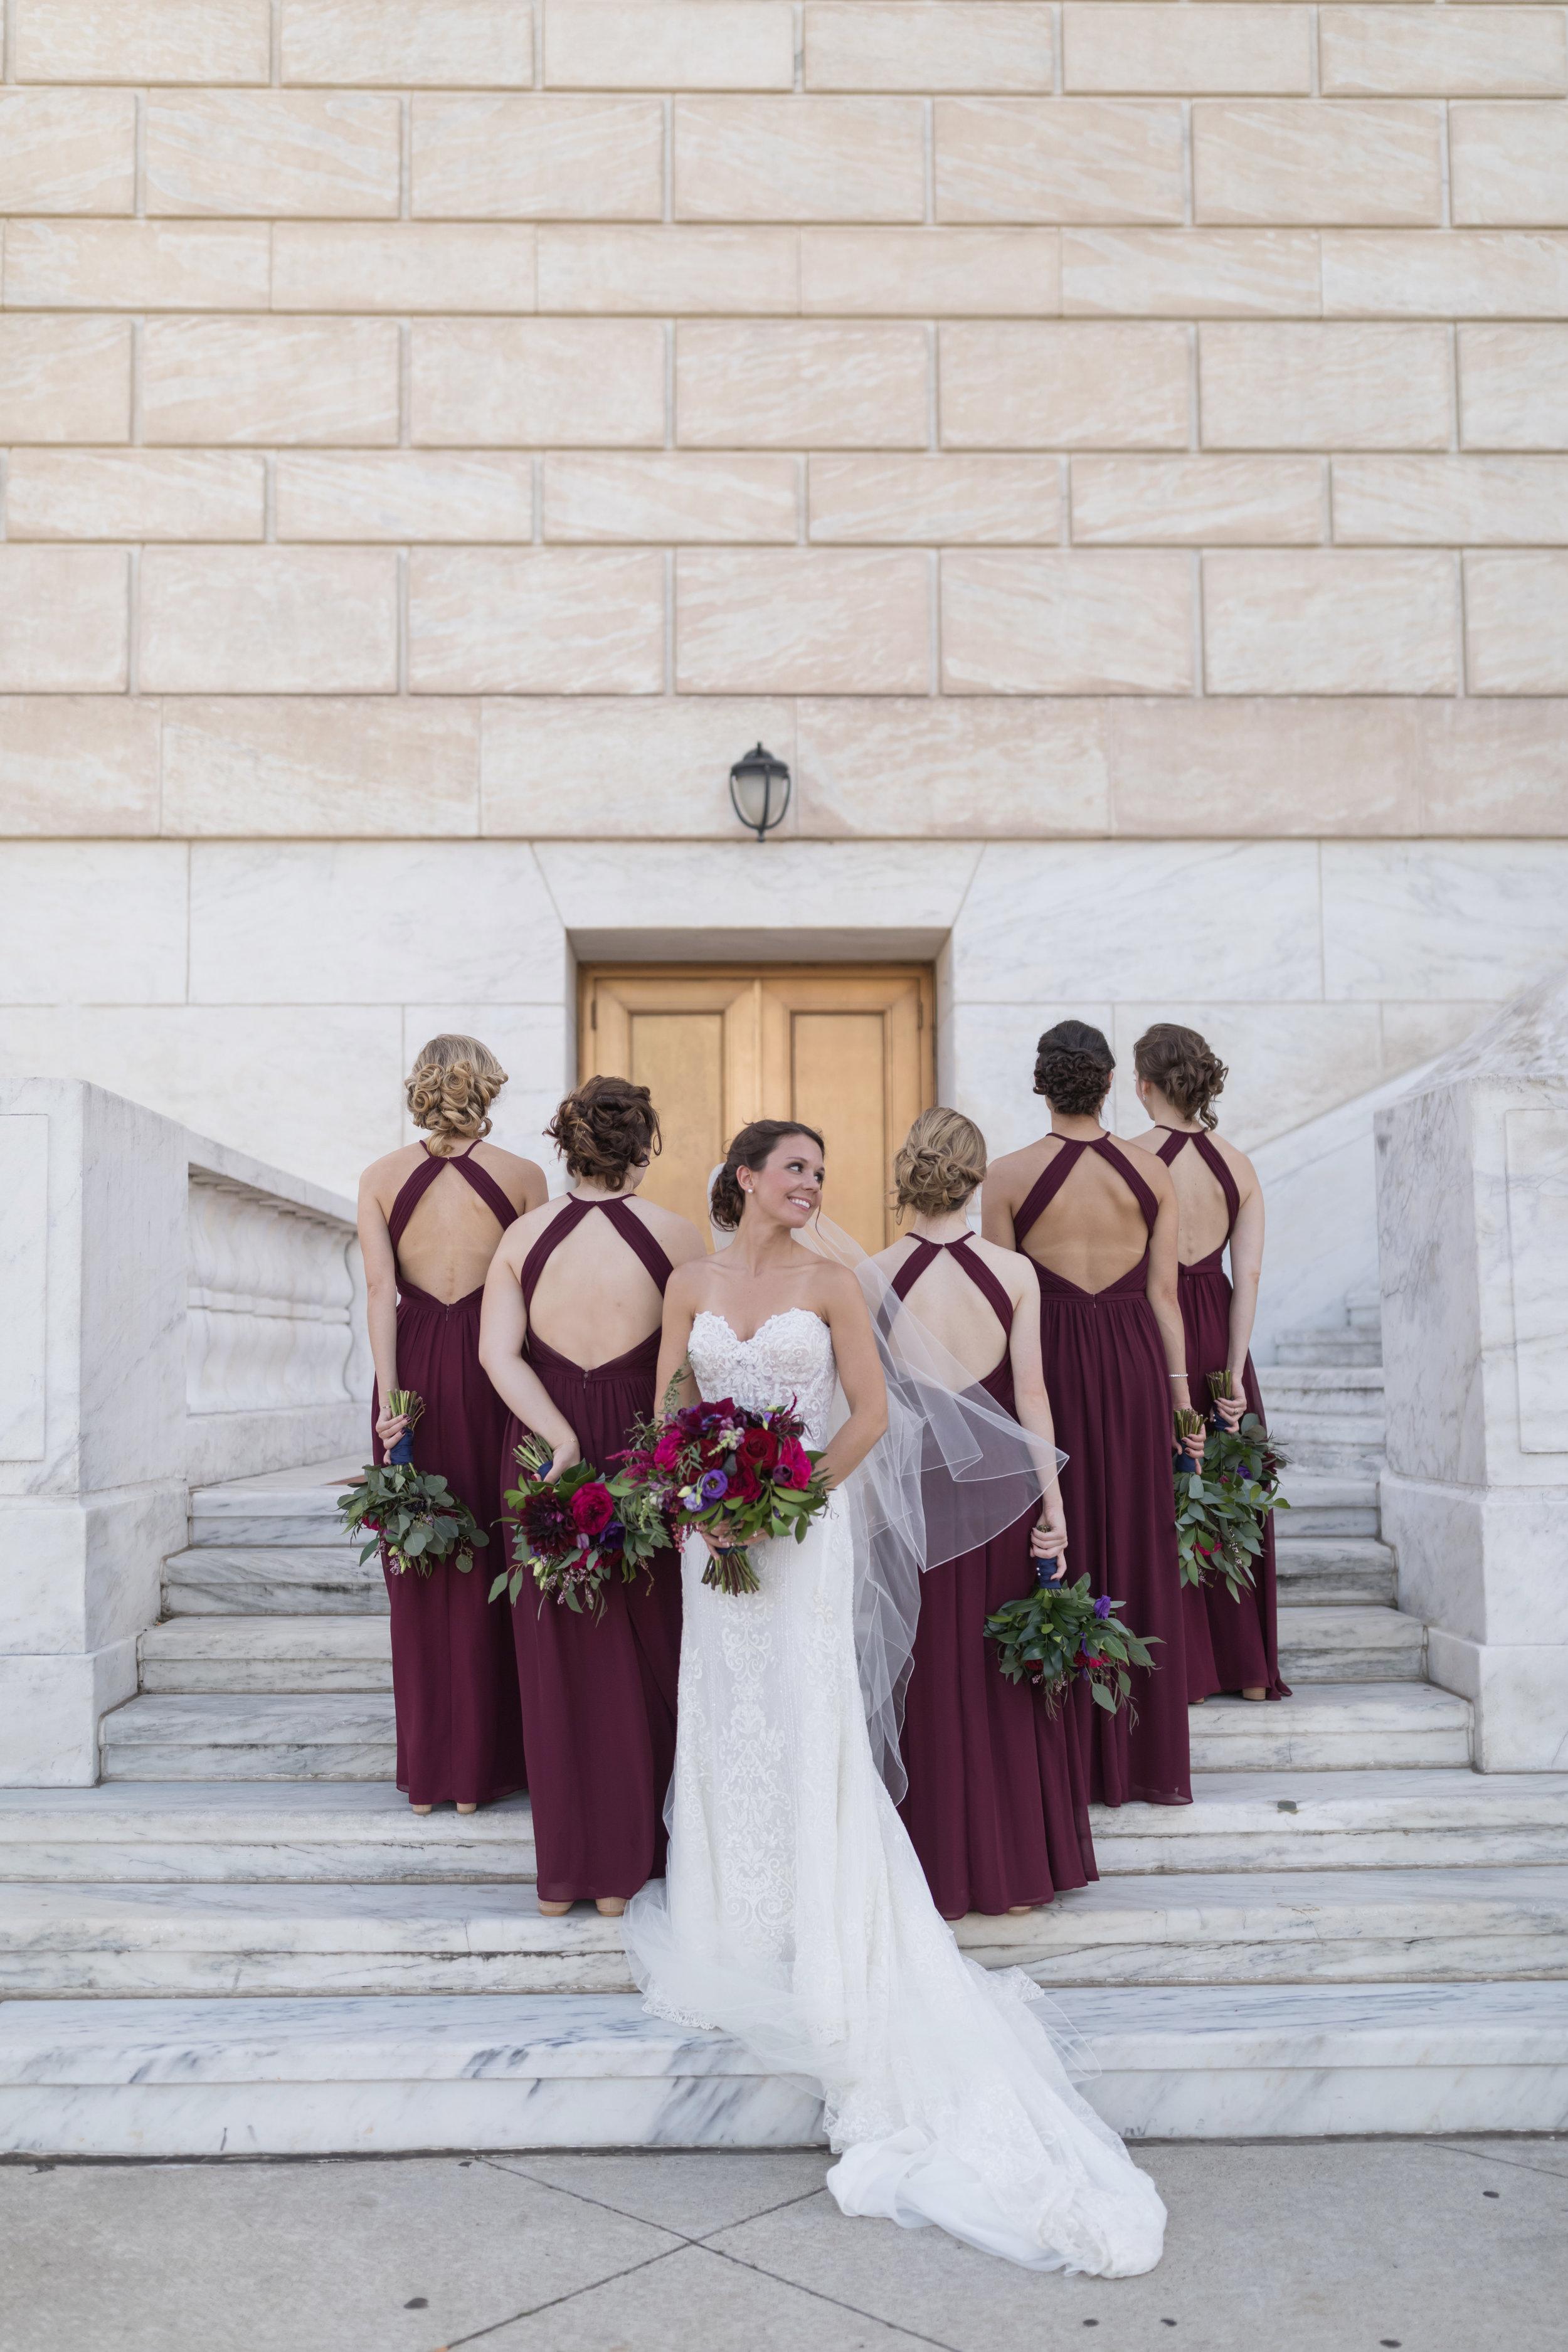 shareyah_John_detroit_wedding_preview_040.JPG